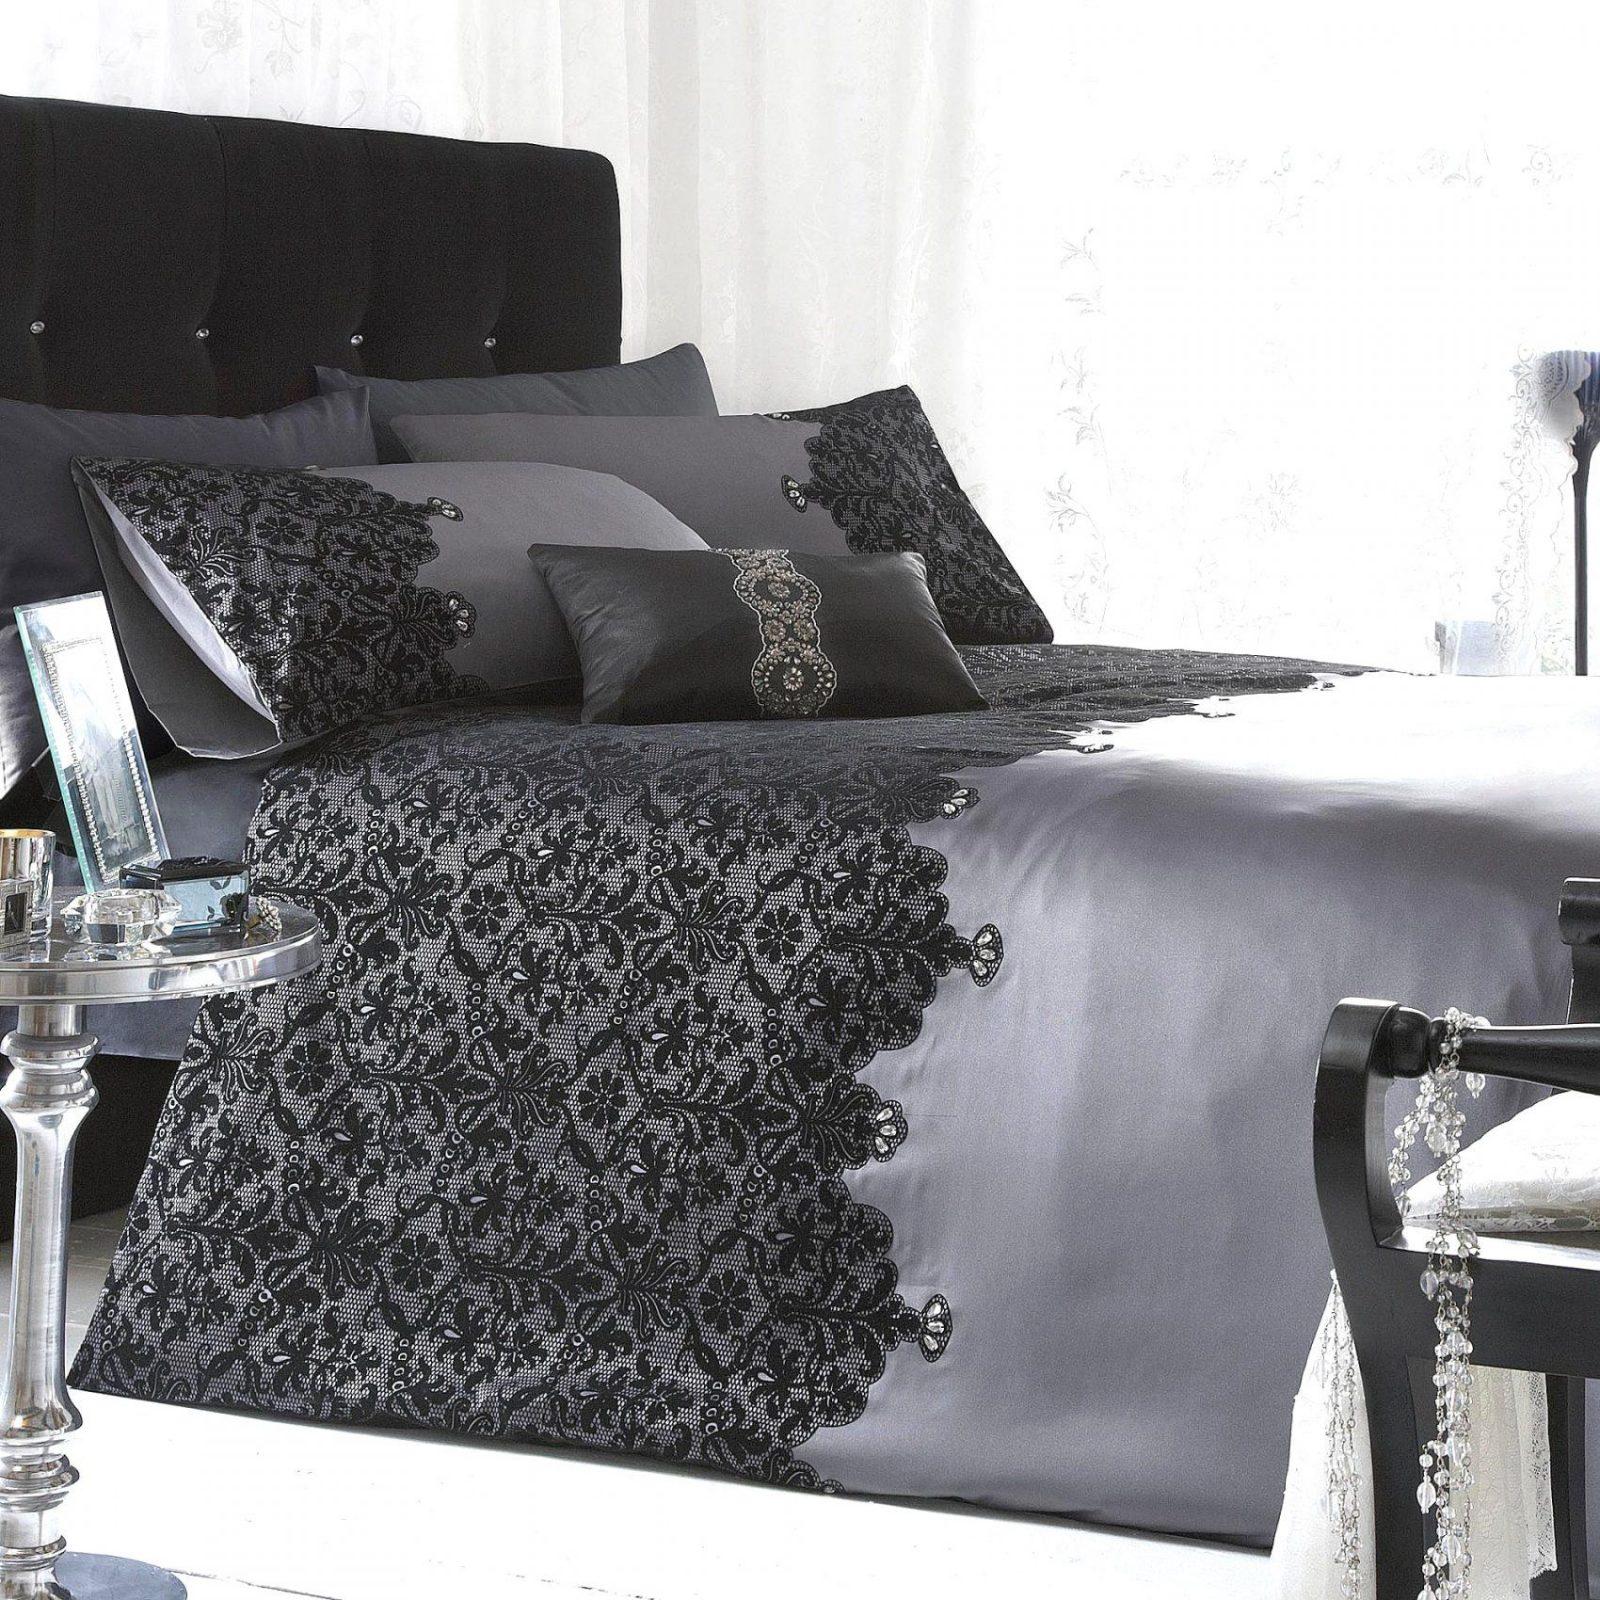 Brillant Ideen Bettwäsche Spitze Und Herrliche Wunderschöne Spitzen von Bettwäsche Mit Spitze Photo